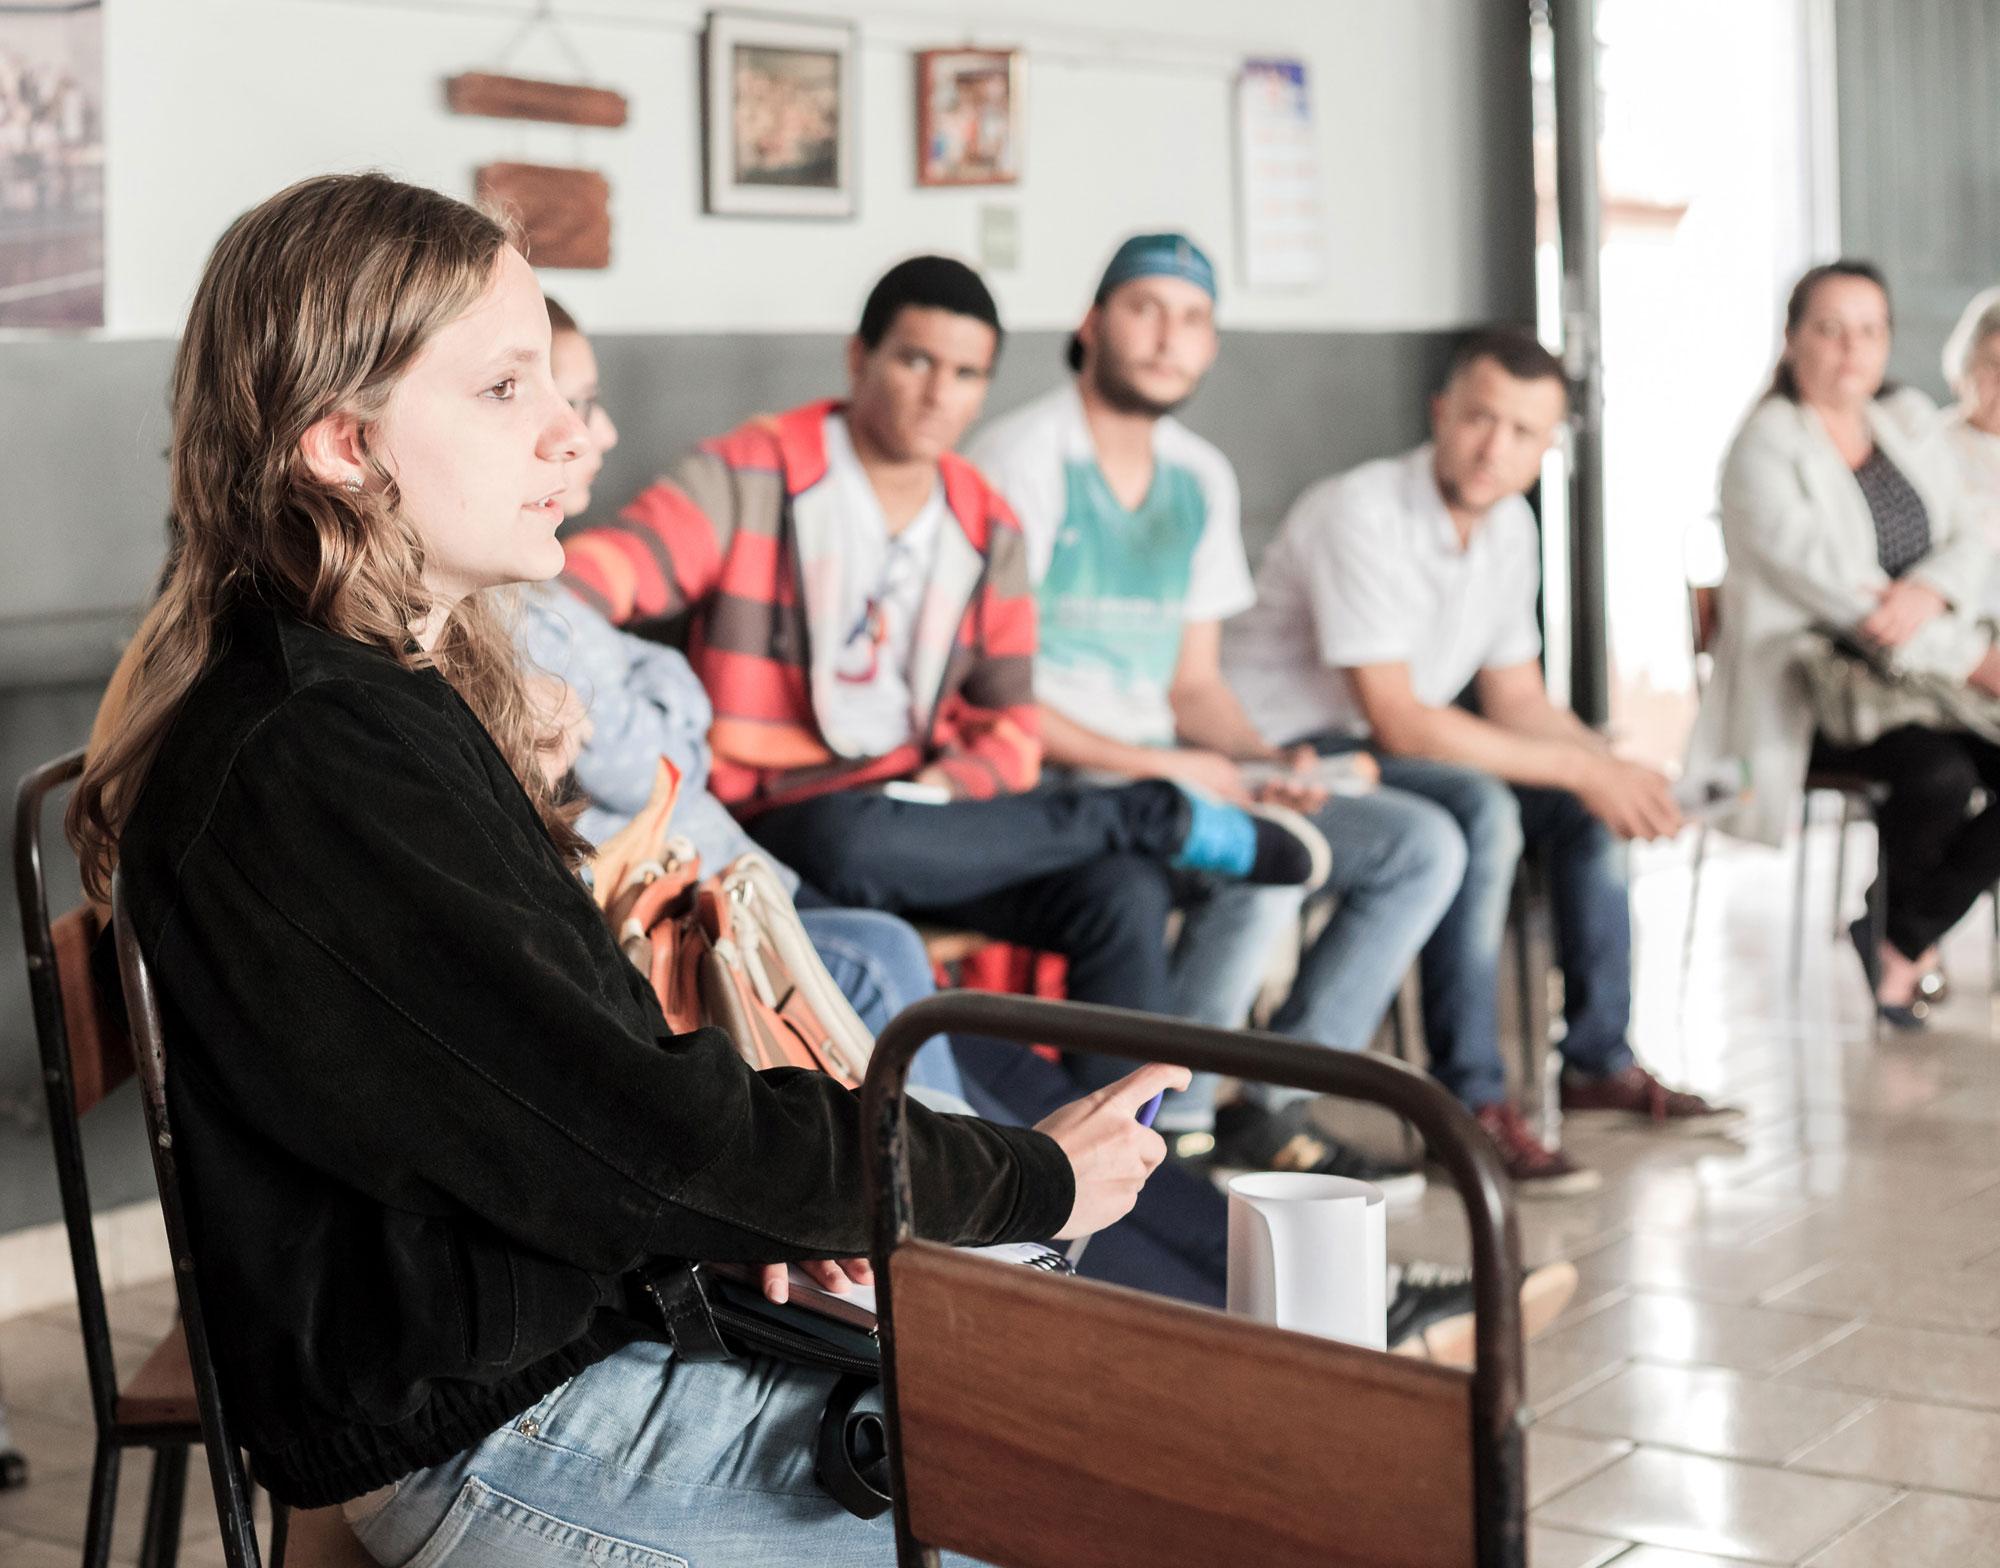 Thamires Meira Rodrigues (GACC - Grupo de Apoio às Crianças com Câncer).